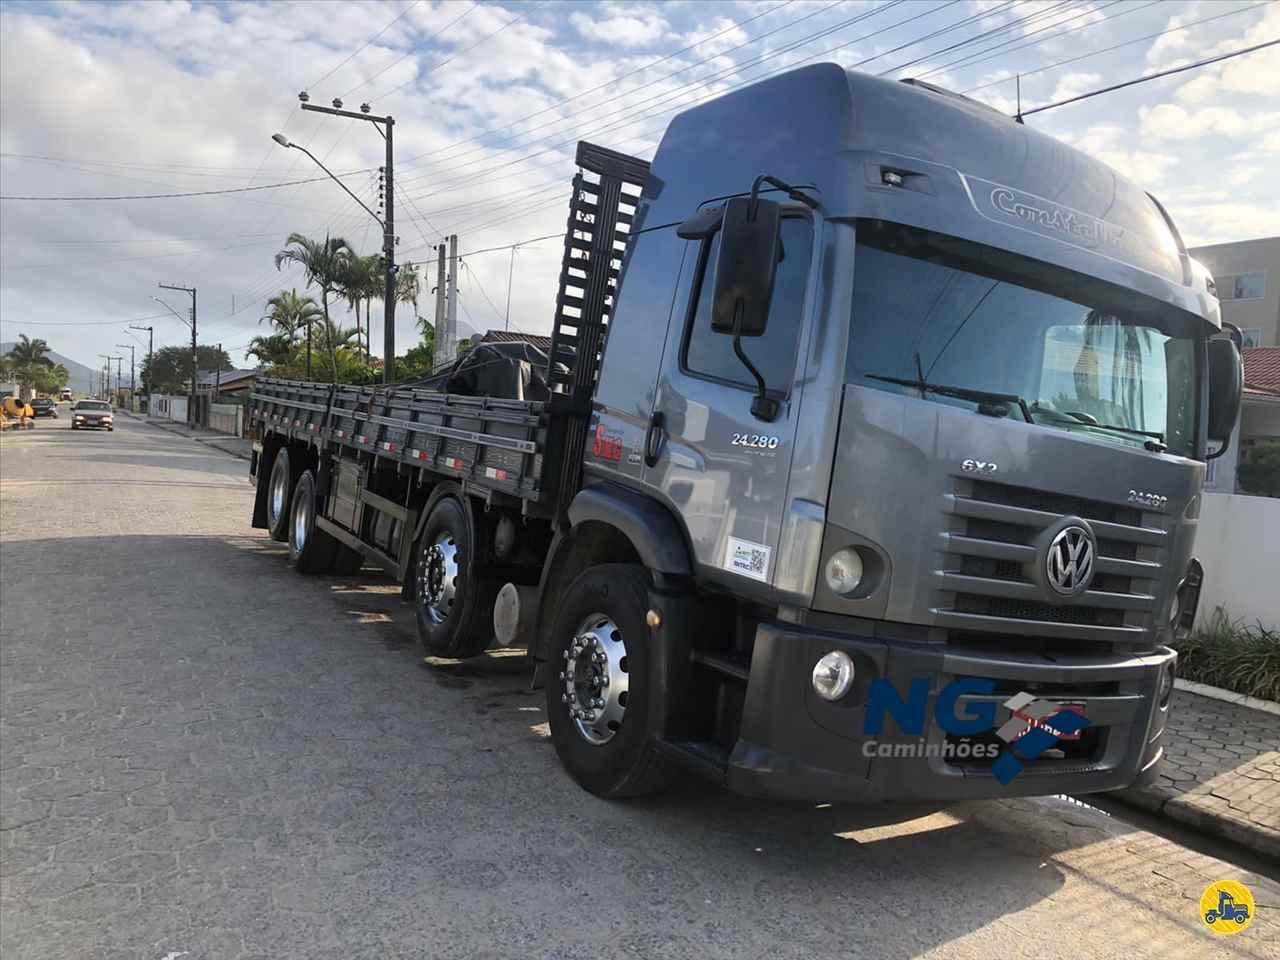 VW 24280 de NG Caminhões - TIJUCAS/SC